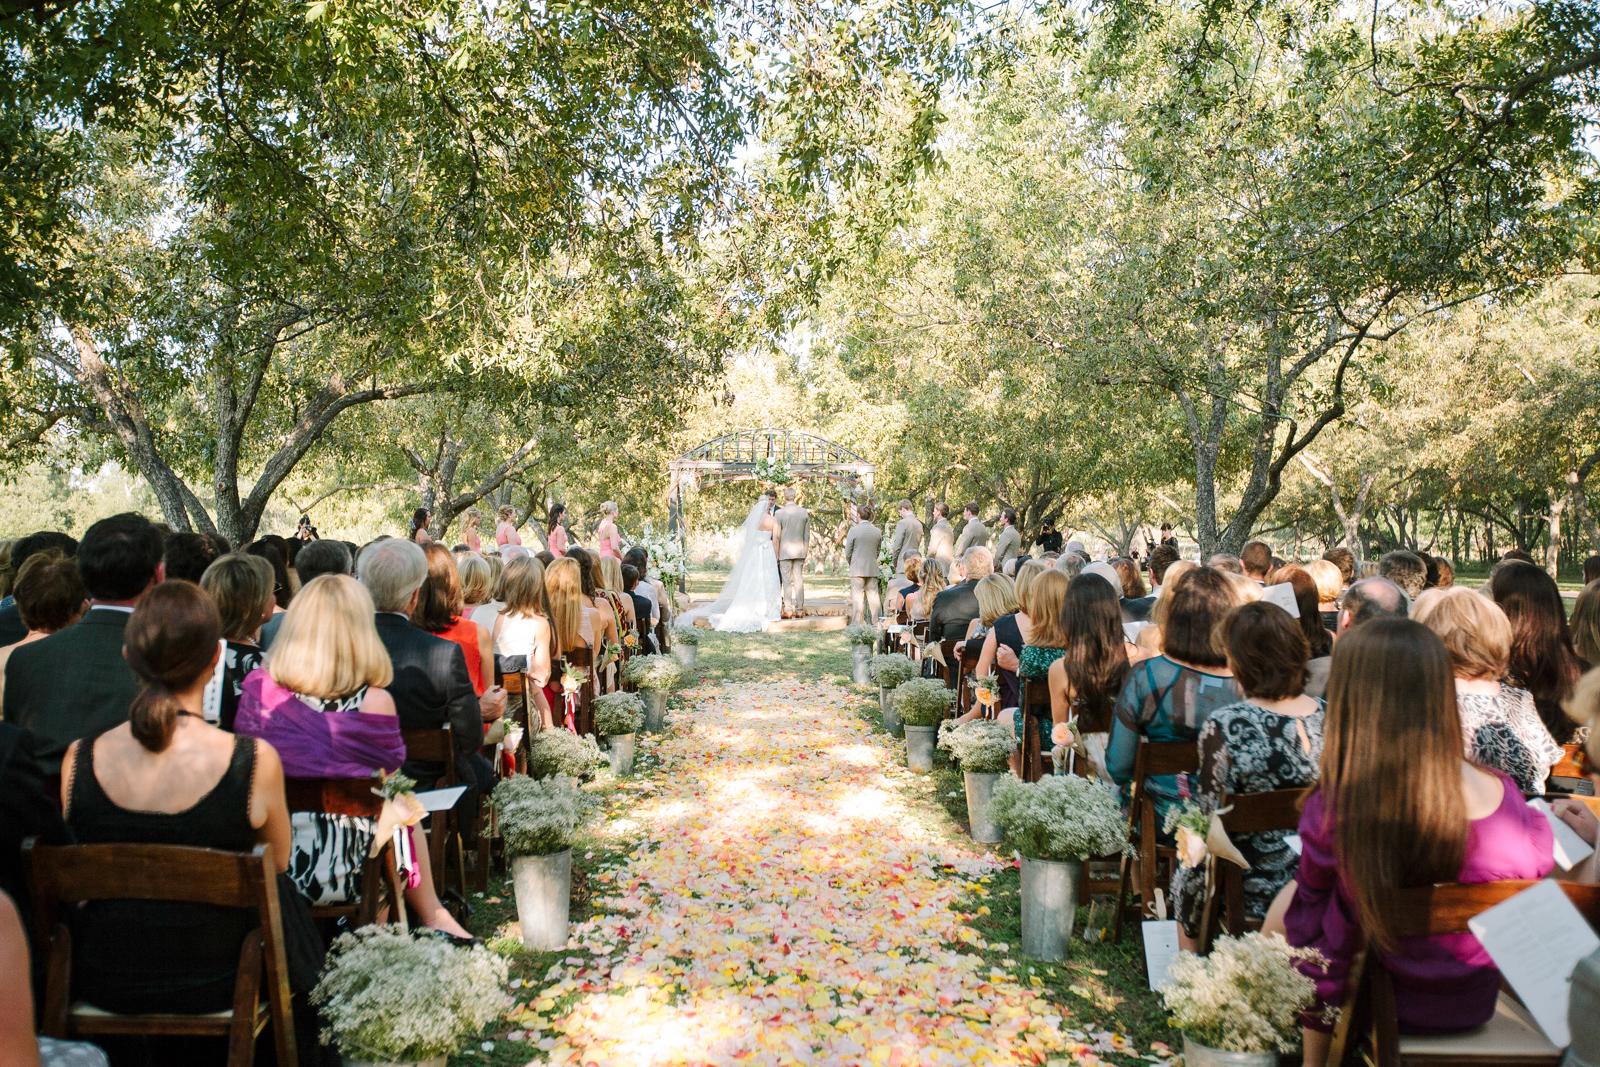 0049_Waco_Ranch_Wedding_Catherine_Nick_Riewoldt.jpg